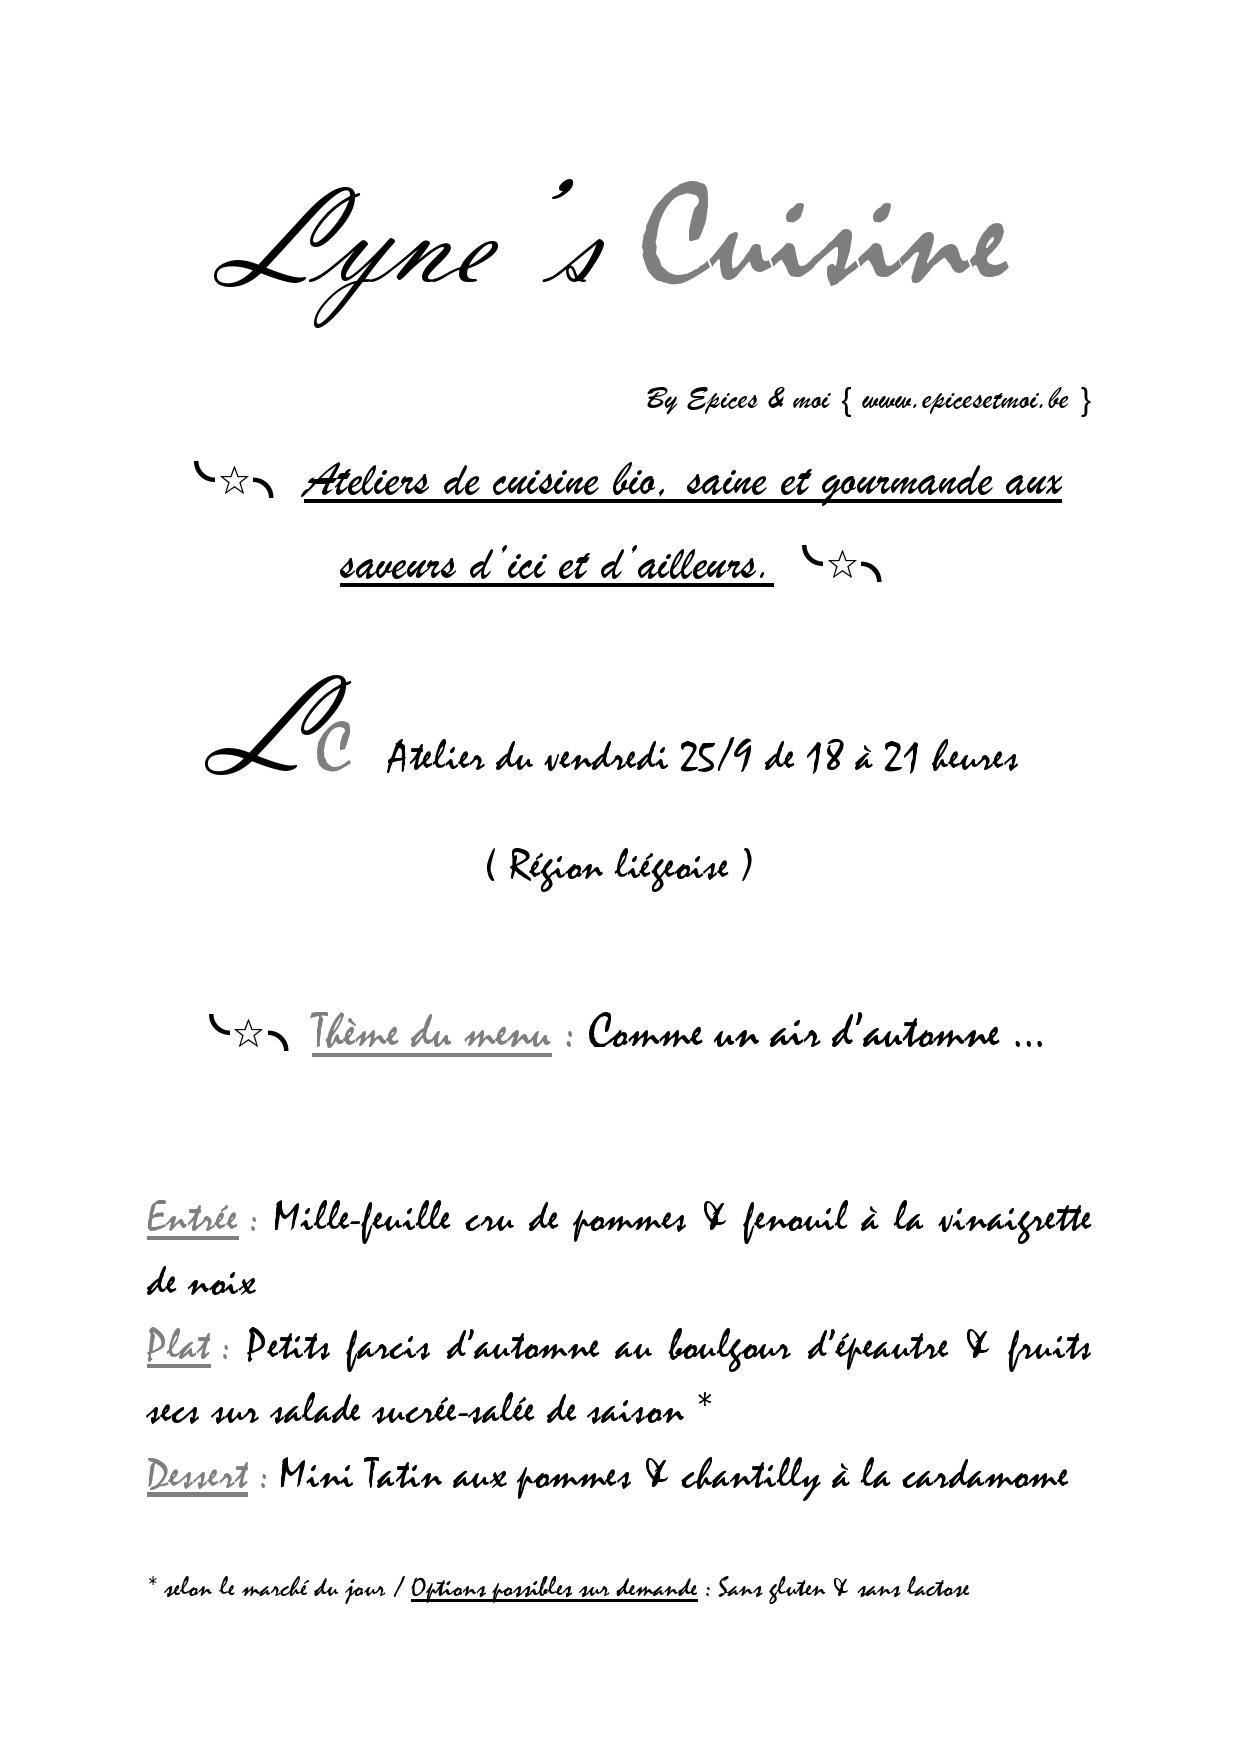 Lyne's Cuisine Atelier Automne Septembre